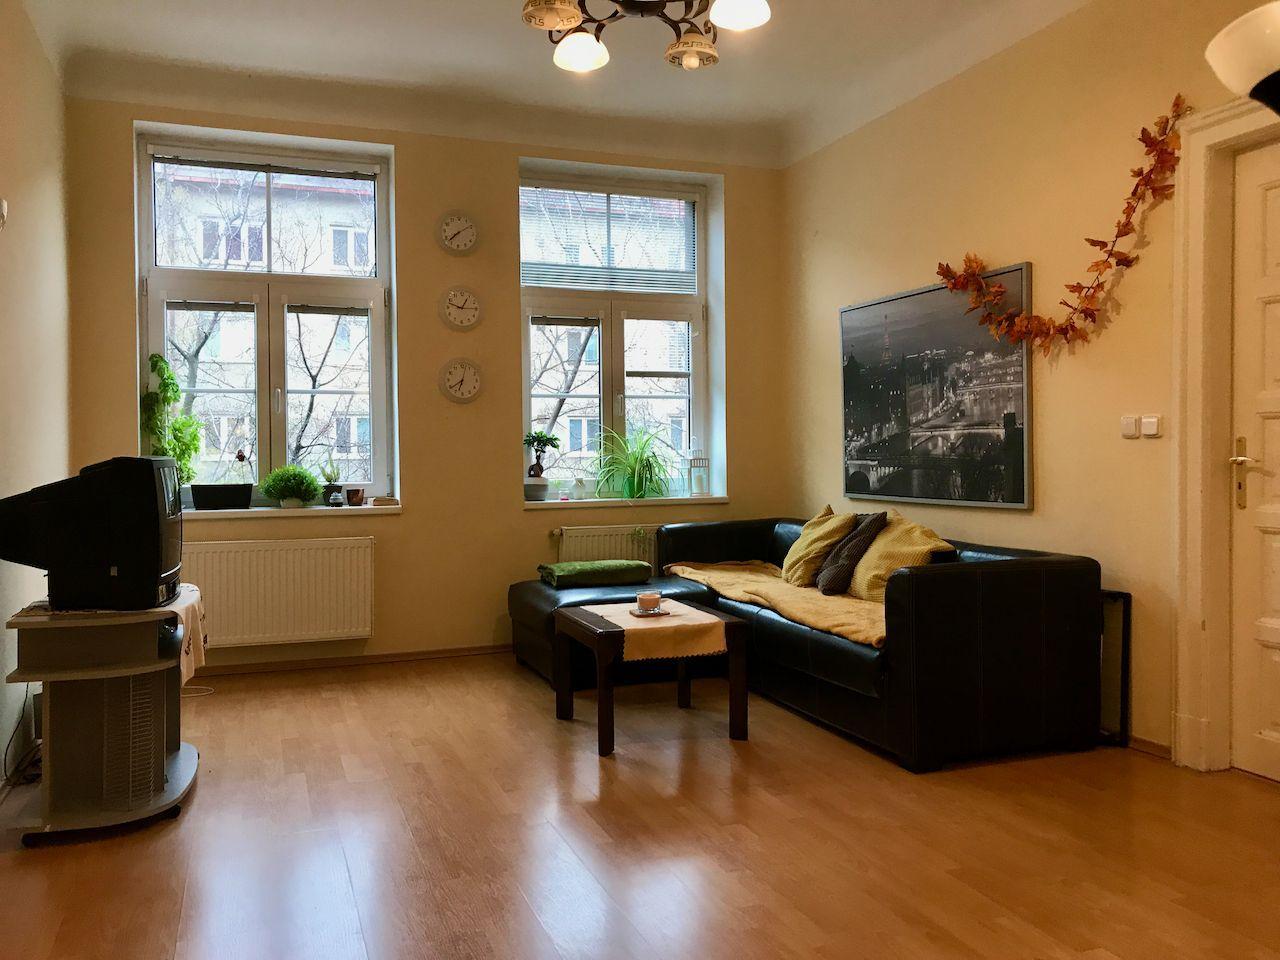 4-izbový byt-Predaj-Bratislava - mestská časť Nové Mesto-339000.00 €